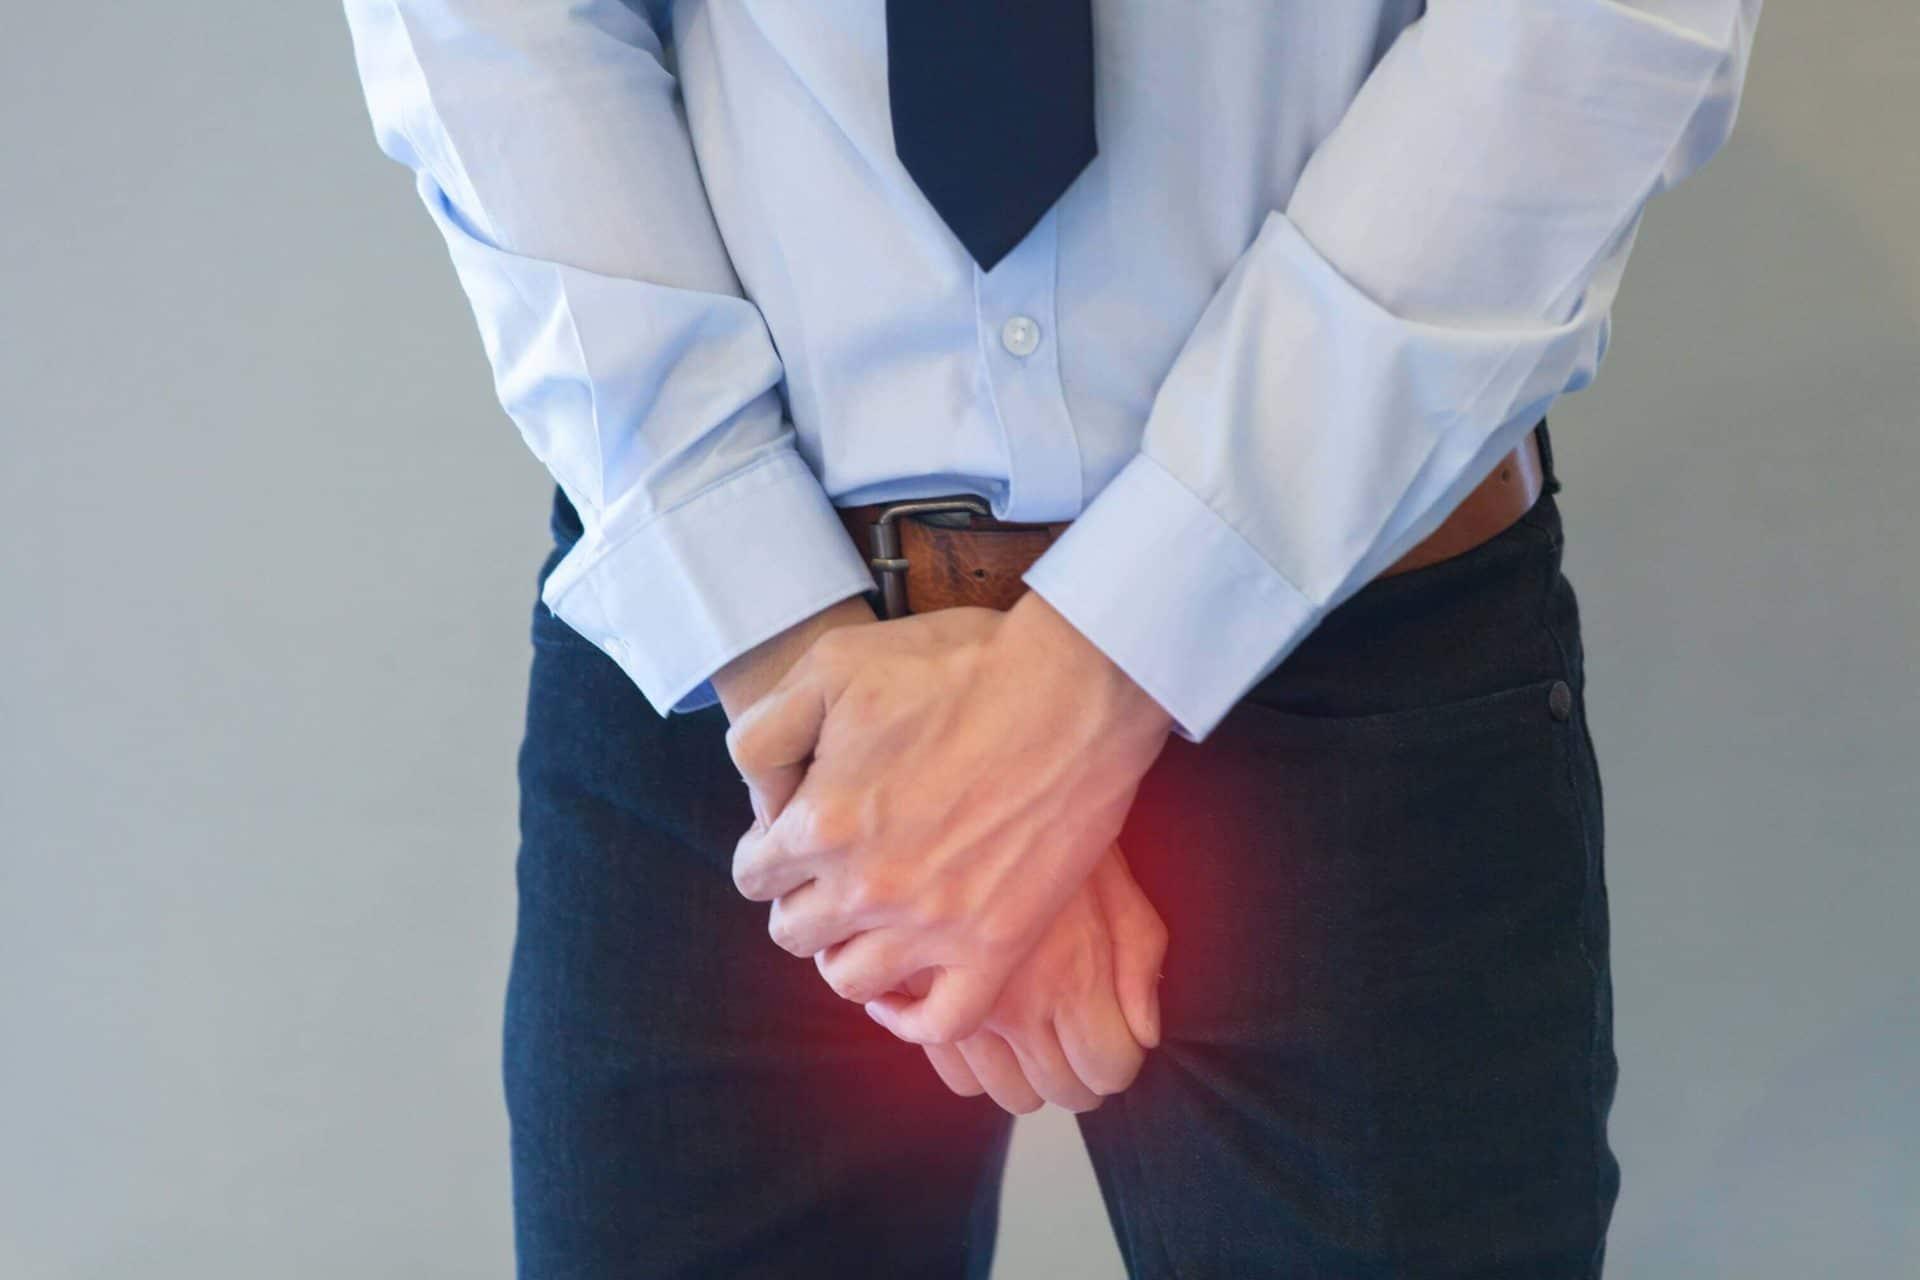 Потеря чувствительности пениса: причины и как повысить